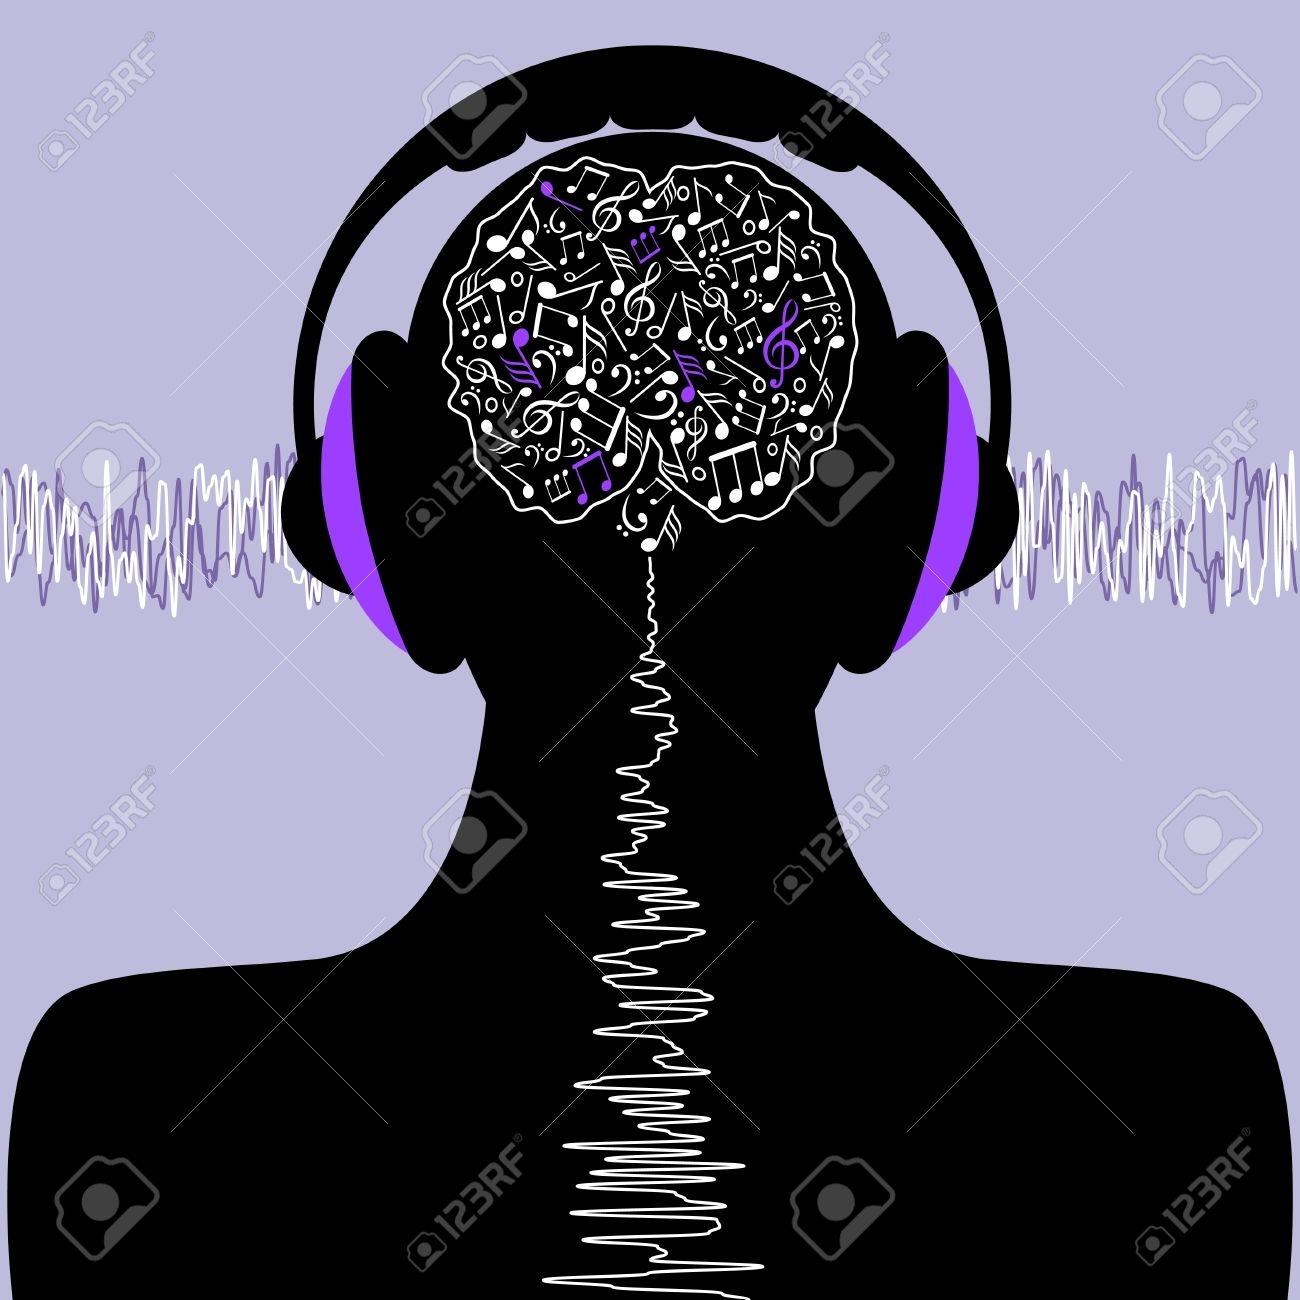 Music Brain Clipart.